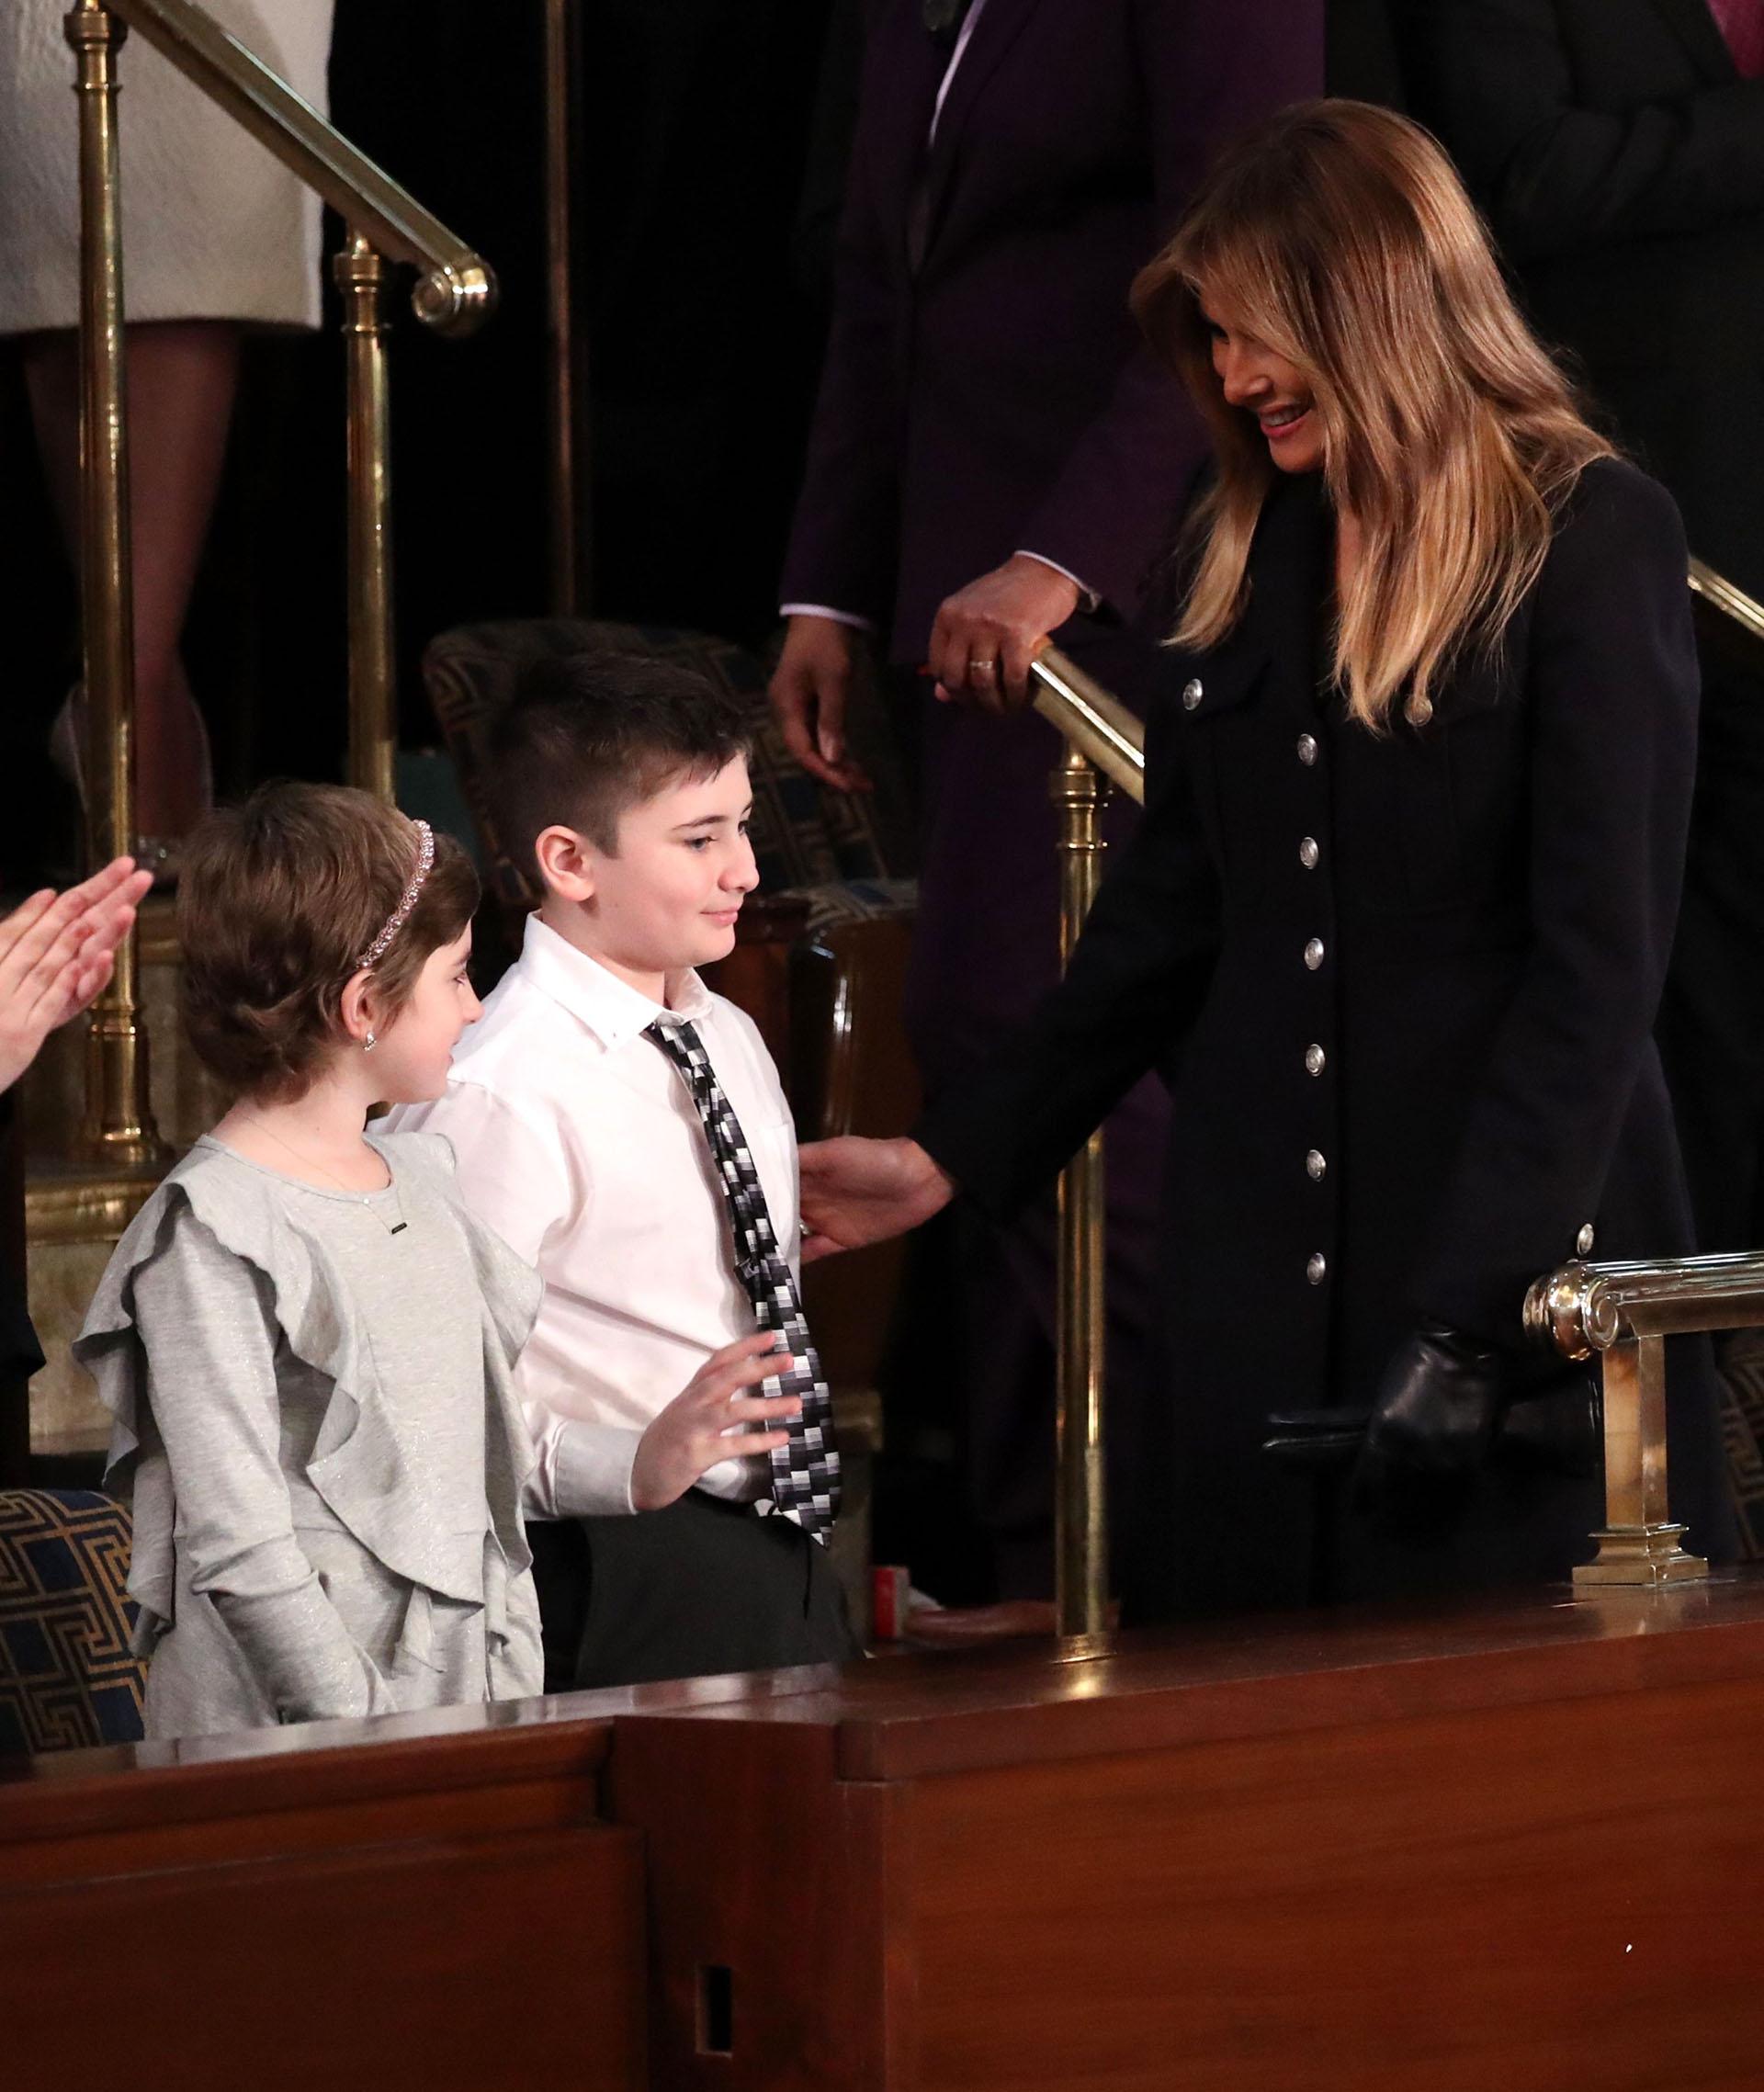 Melania Trump saluda a Joshua Trump un alumno de sexto que dice sufrir de bullying por tener el mismo apellido que el presidente de Estados Unidos. (REUTERS/Jonathan Ernst)